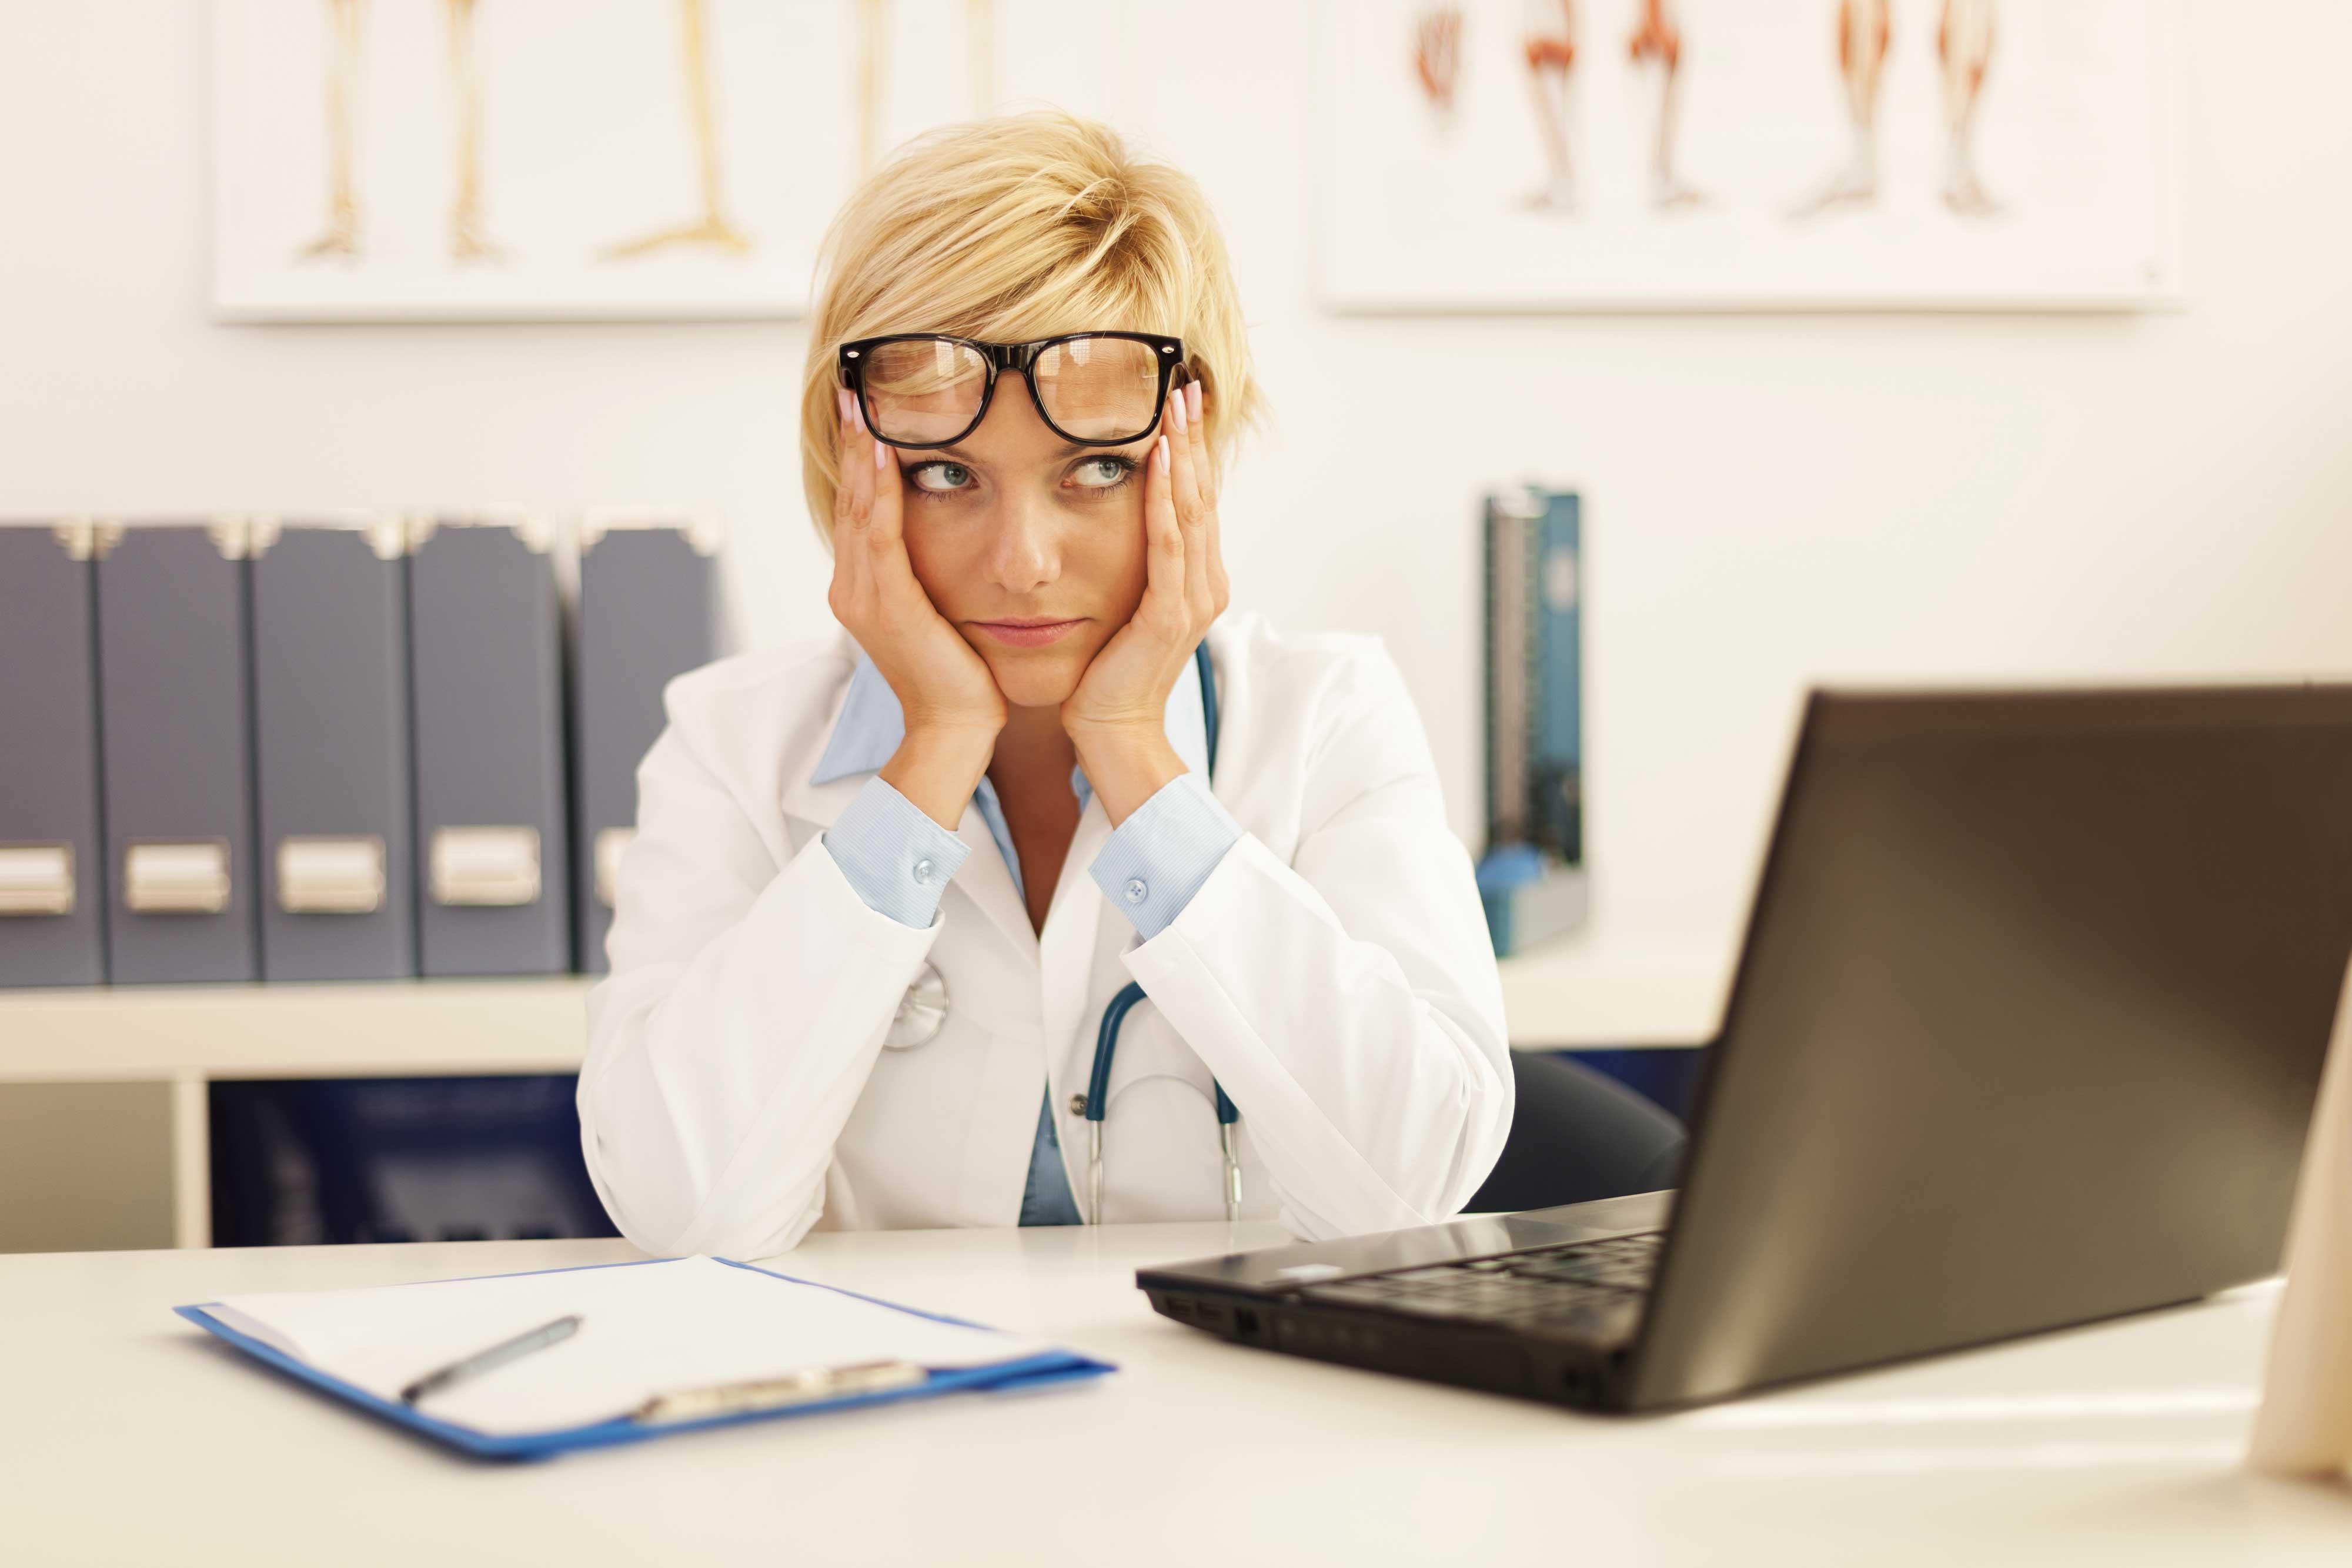 Gesundheitsmanagement und Stressvermeidung in der Arztpraxis